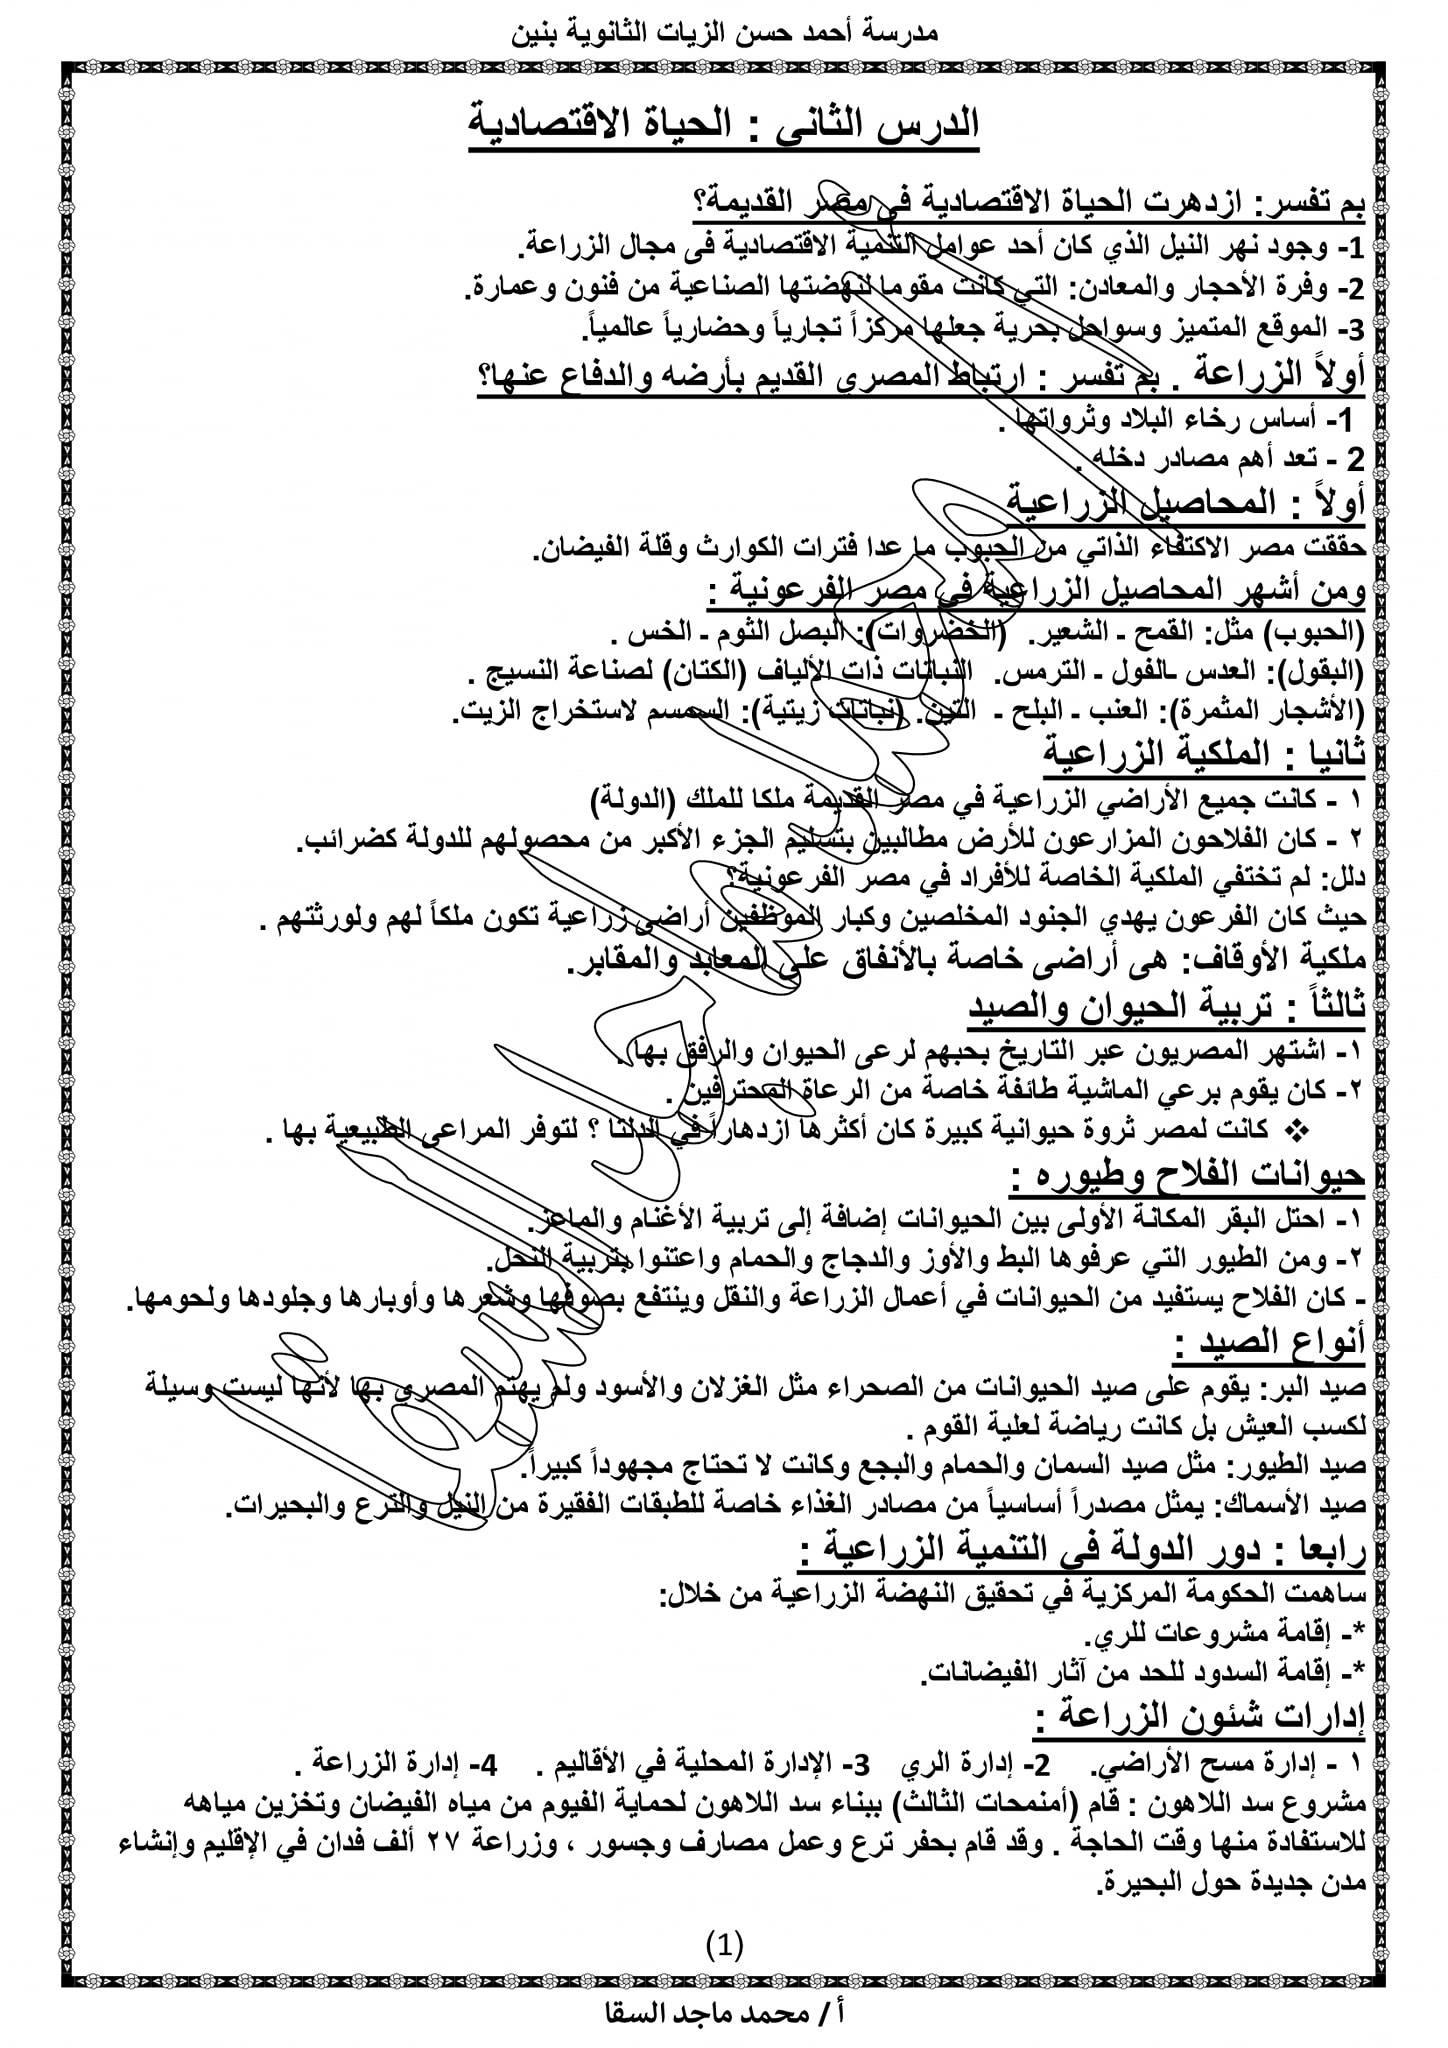 افضل مراجعة تاريخ للصف الاول الثانوى كاملة لمستر محمد ماجد